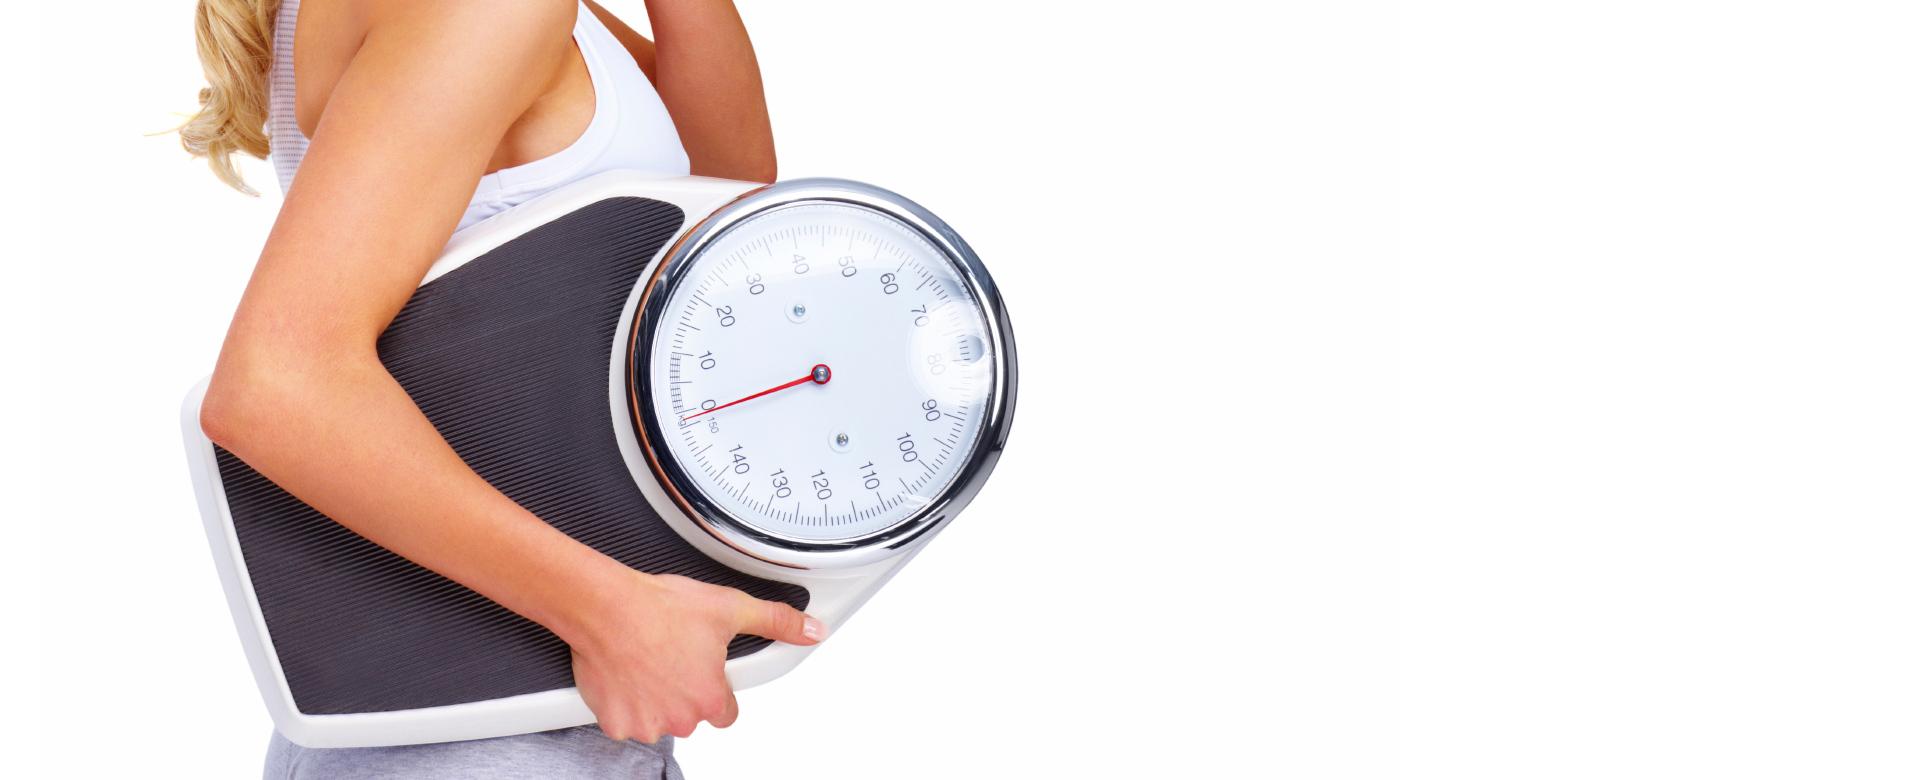 controllo-peso-farmacie